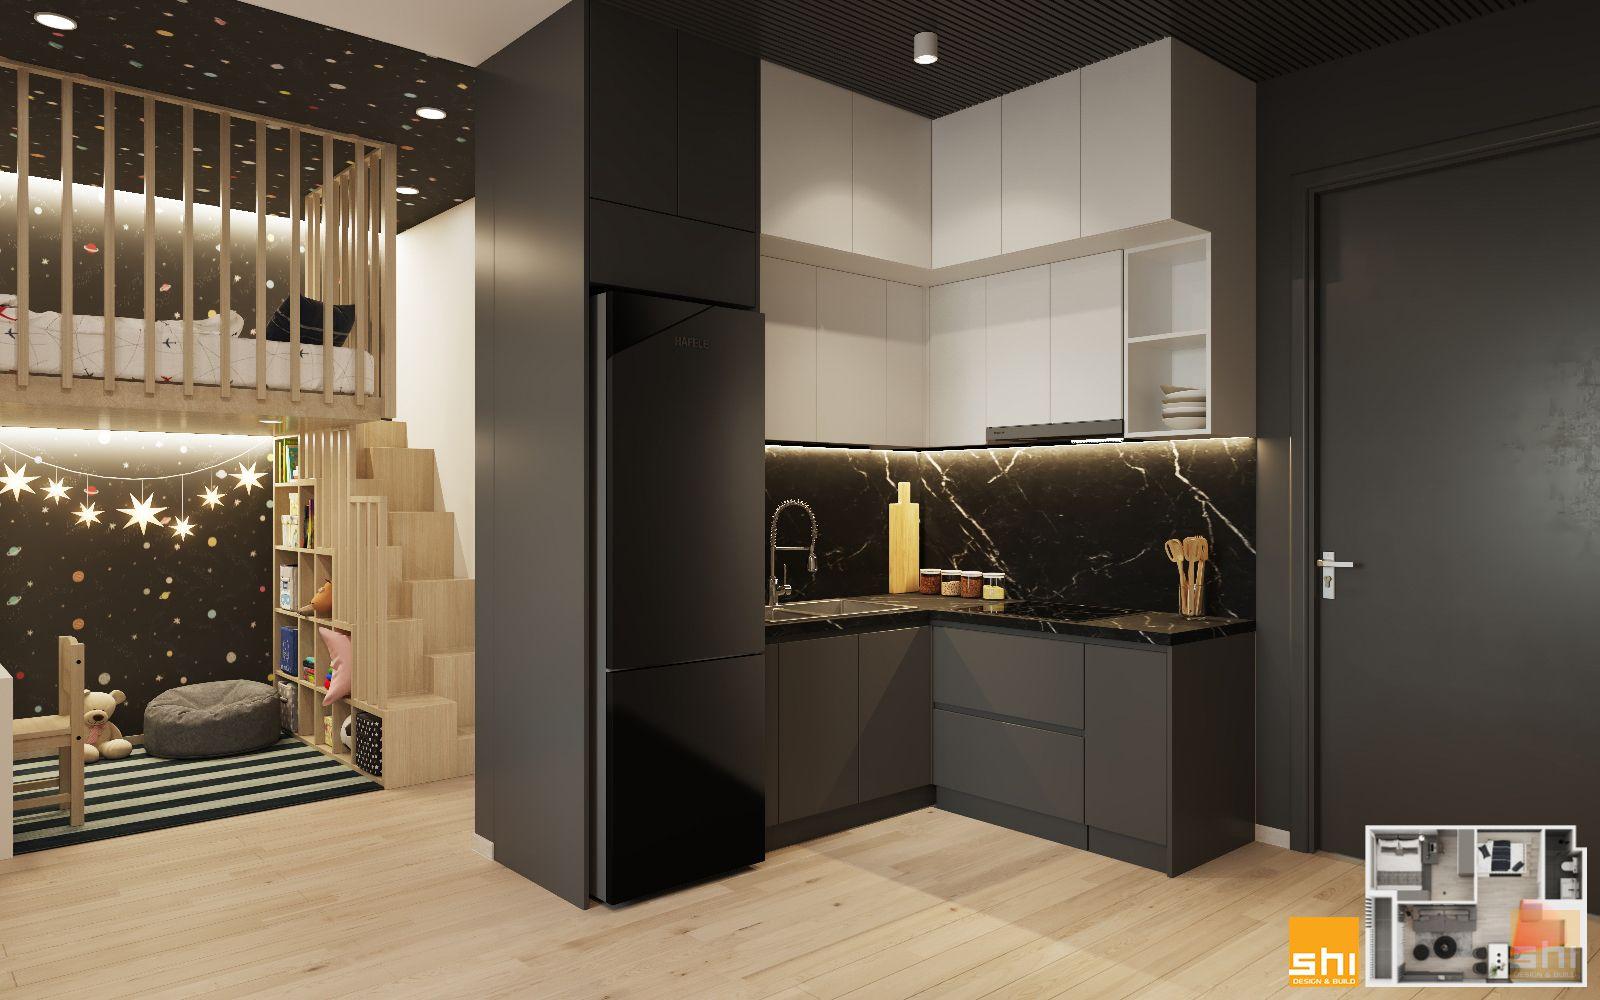 thiết kế nội thất căn hộ 1 phòng ngủ - 02